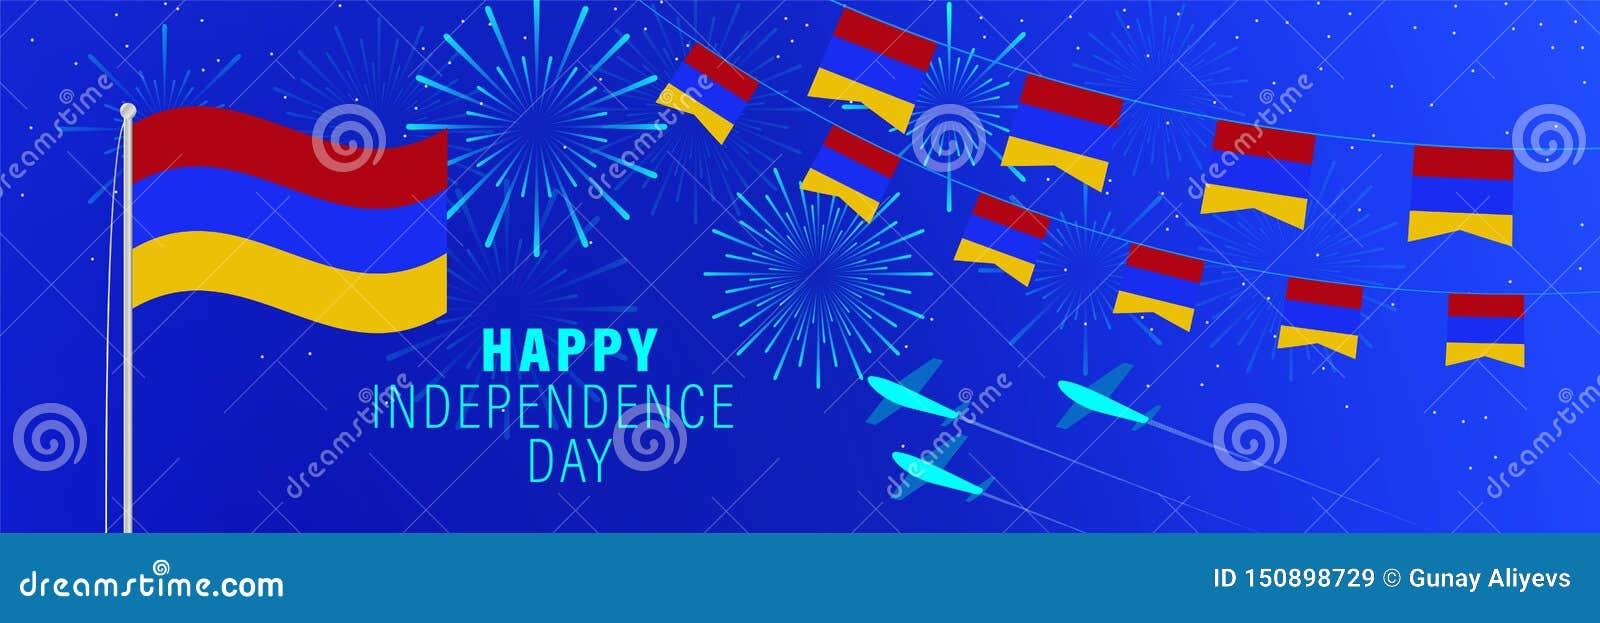 Cartãodo Dia da Independência de setembro 21 Armênia Fundo da celebração com fogos de artifício, bandeiras, mastro de bandeira e